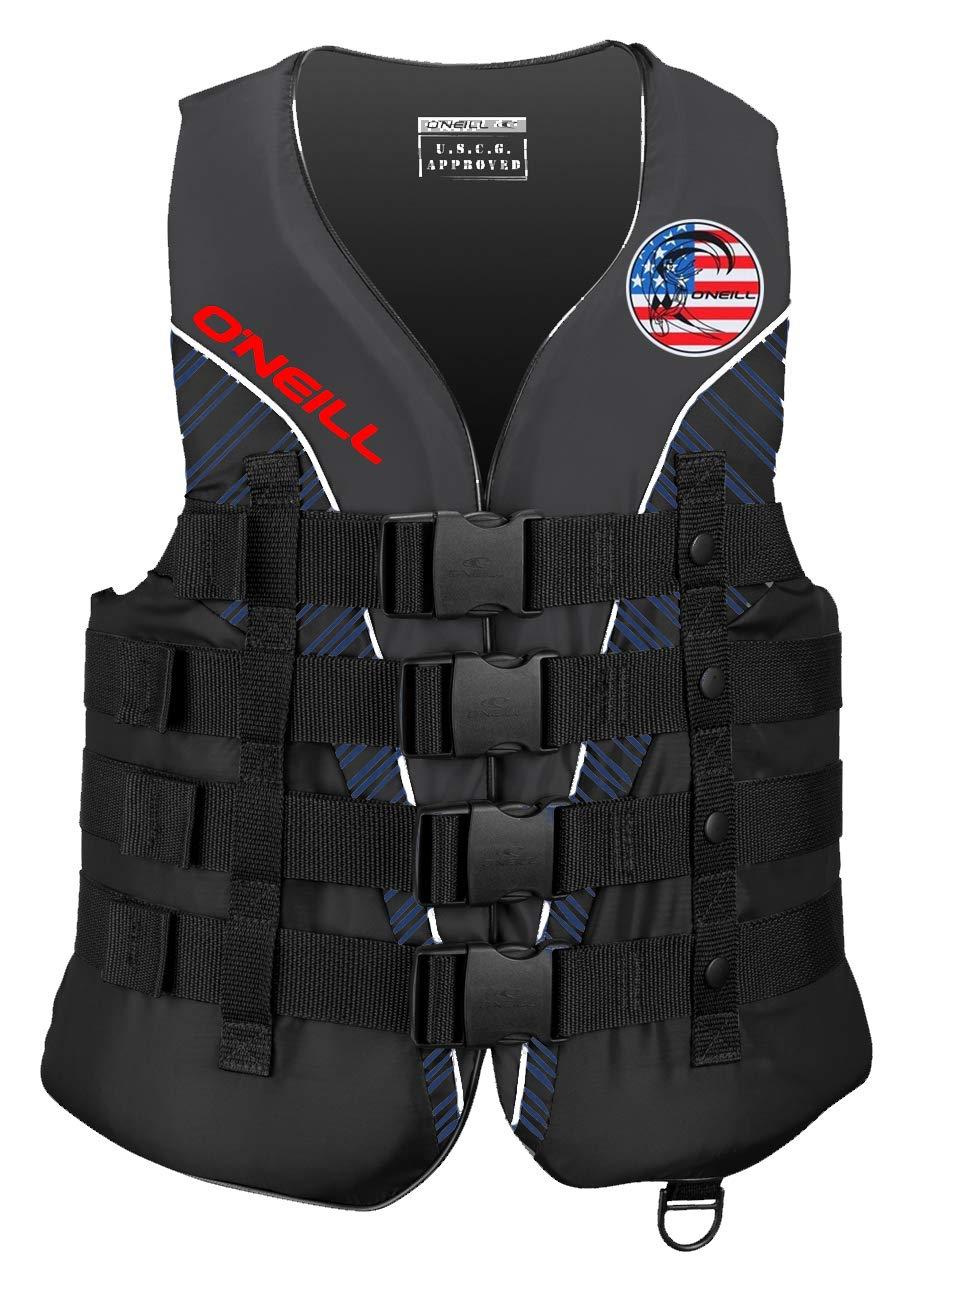 O'Neill Mens Superlite USCG Life Vest 3XL Patriot (4723IA)